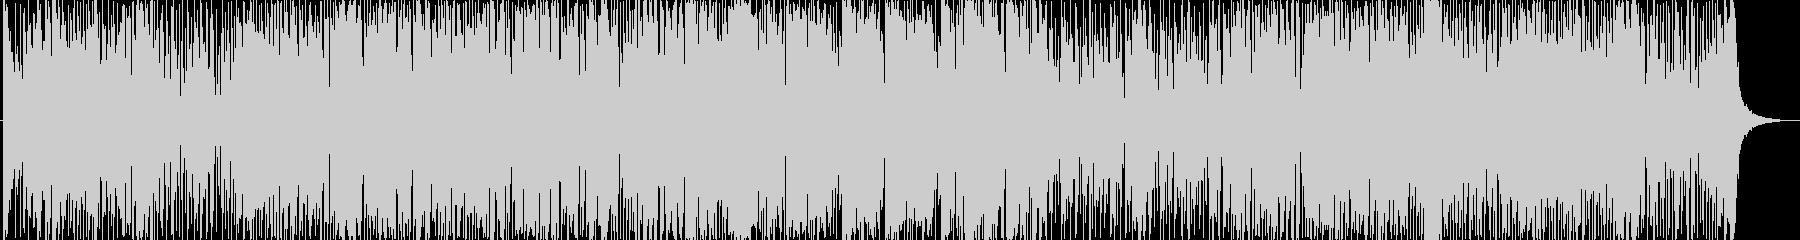 70年代、王道ファンクブギー 生音系の未再生の波形